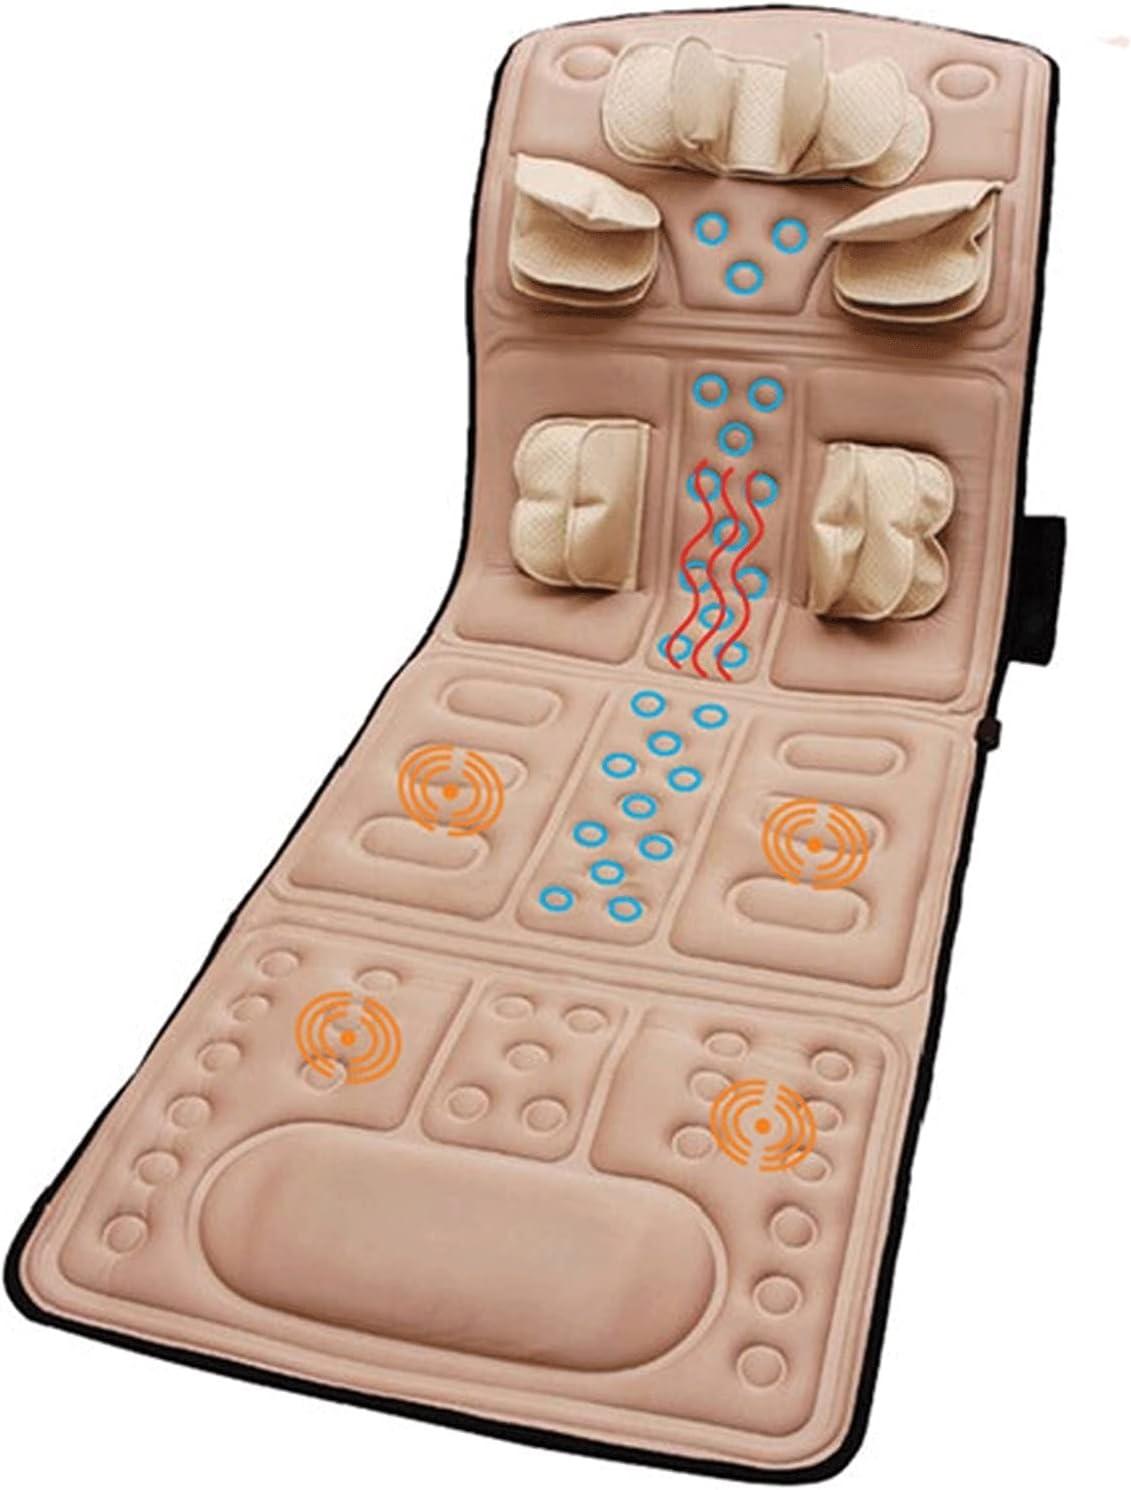 Max 59% OFF Xin Yan Boston Mall Full Body Massage Mat Heat Kne 4d with Mattress